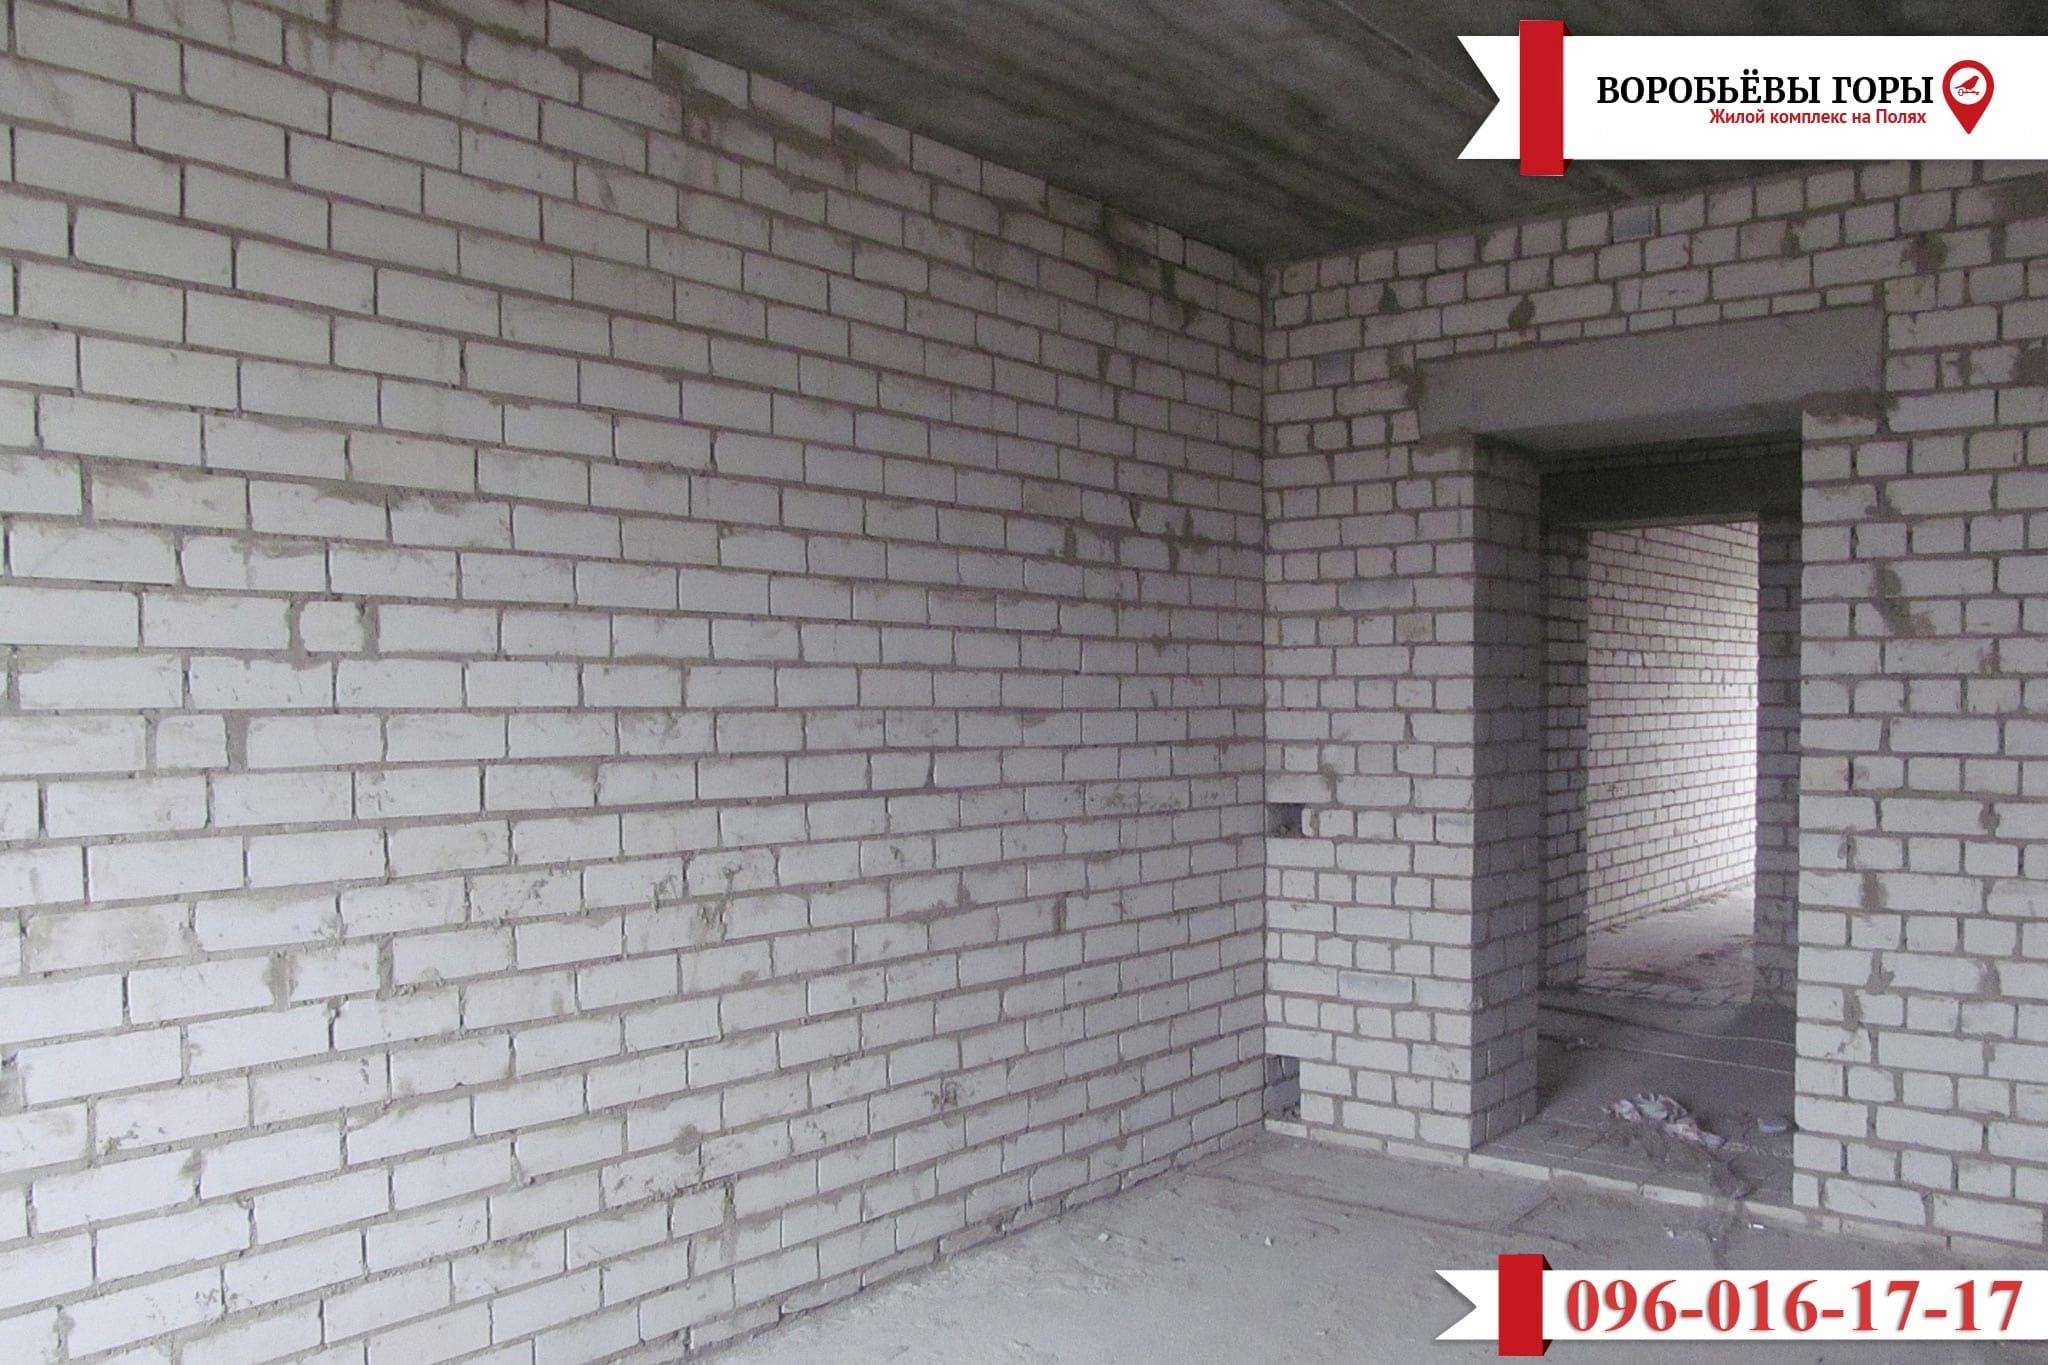 """Как проходит строительство ЖК """"Воробьевы Горы на Полях""""?"""